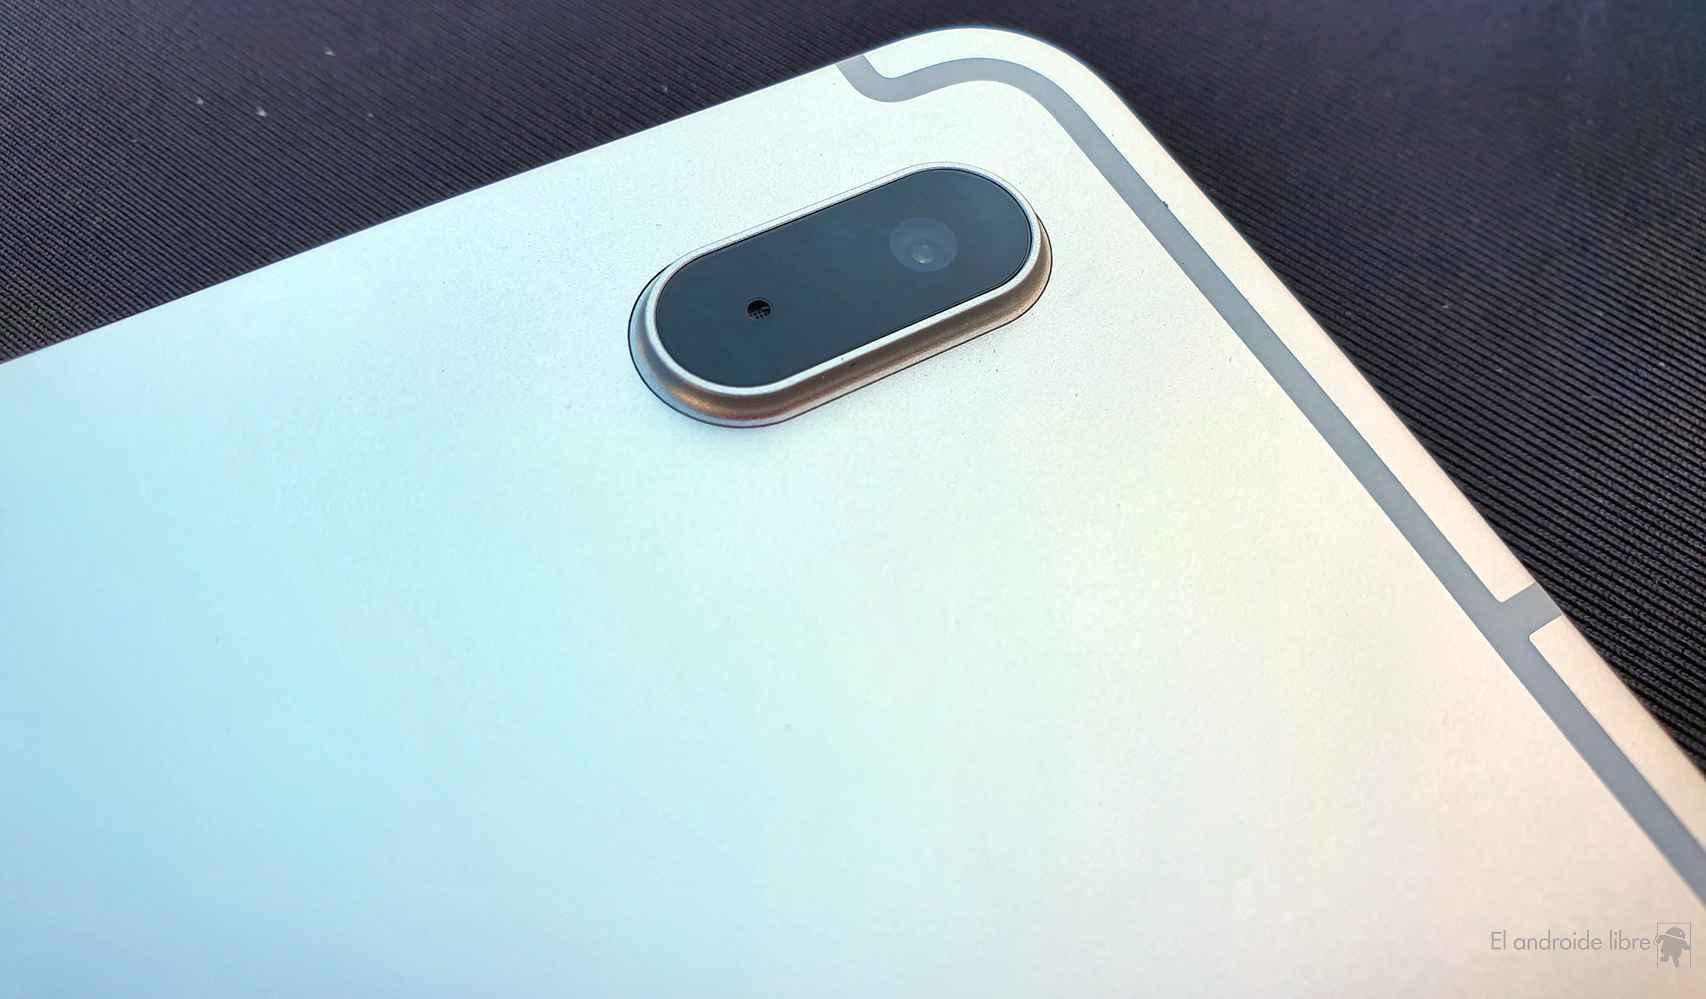 La parte trasera de la Samsung Galaxy Tab S7 >FE